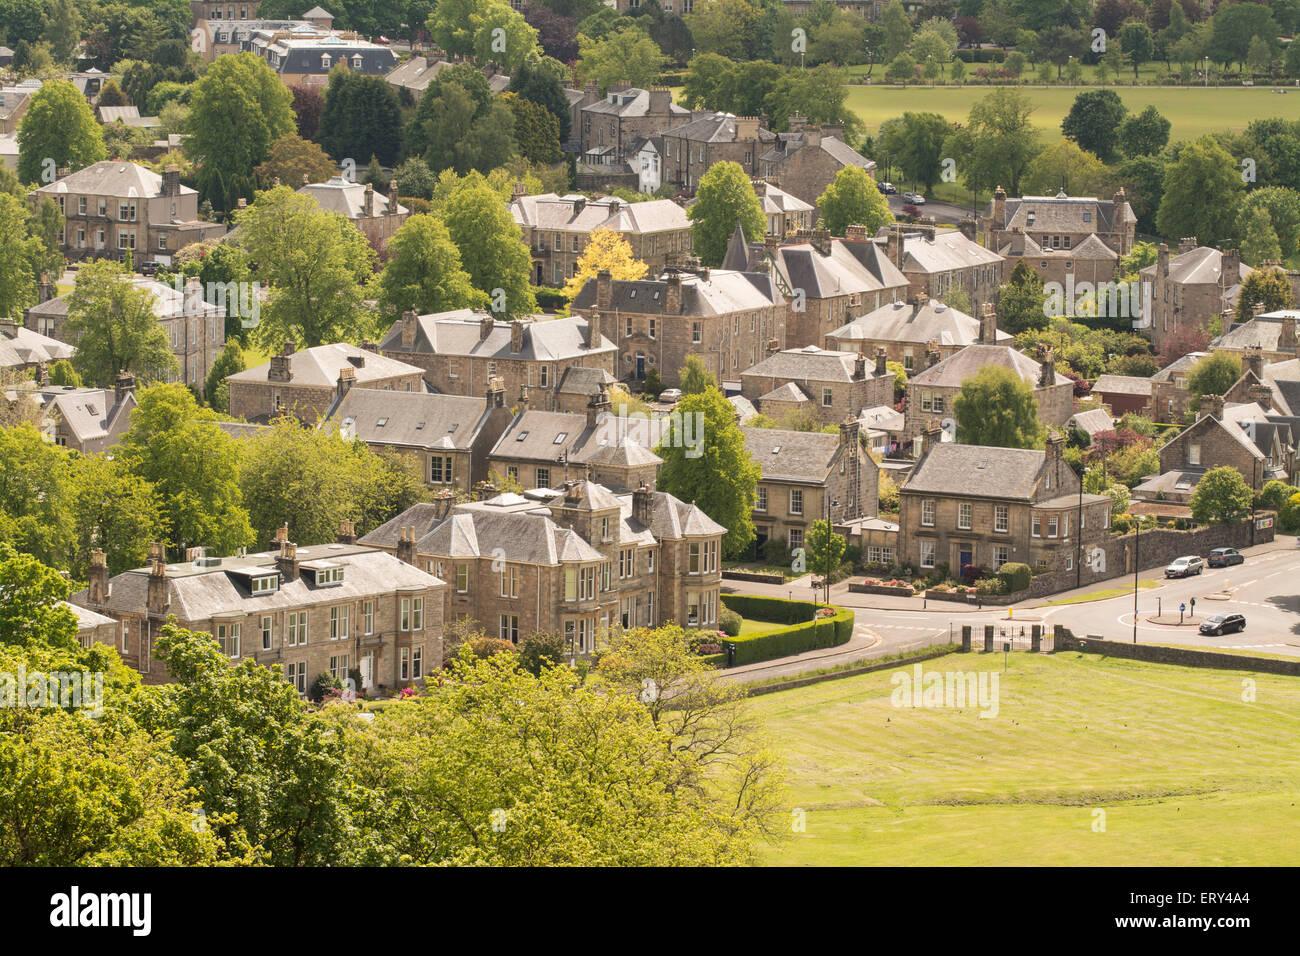 Casas de estilo victoriano y eduardiano en el King's Park Zona de Stirling, Escocia, Reino Unido Imagen De Stock